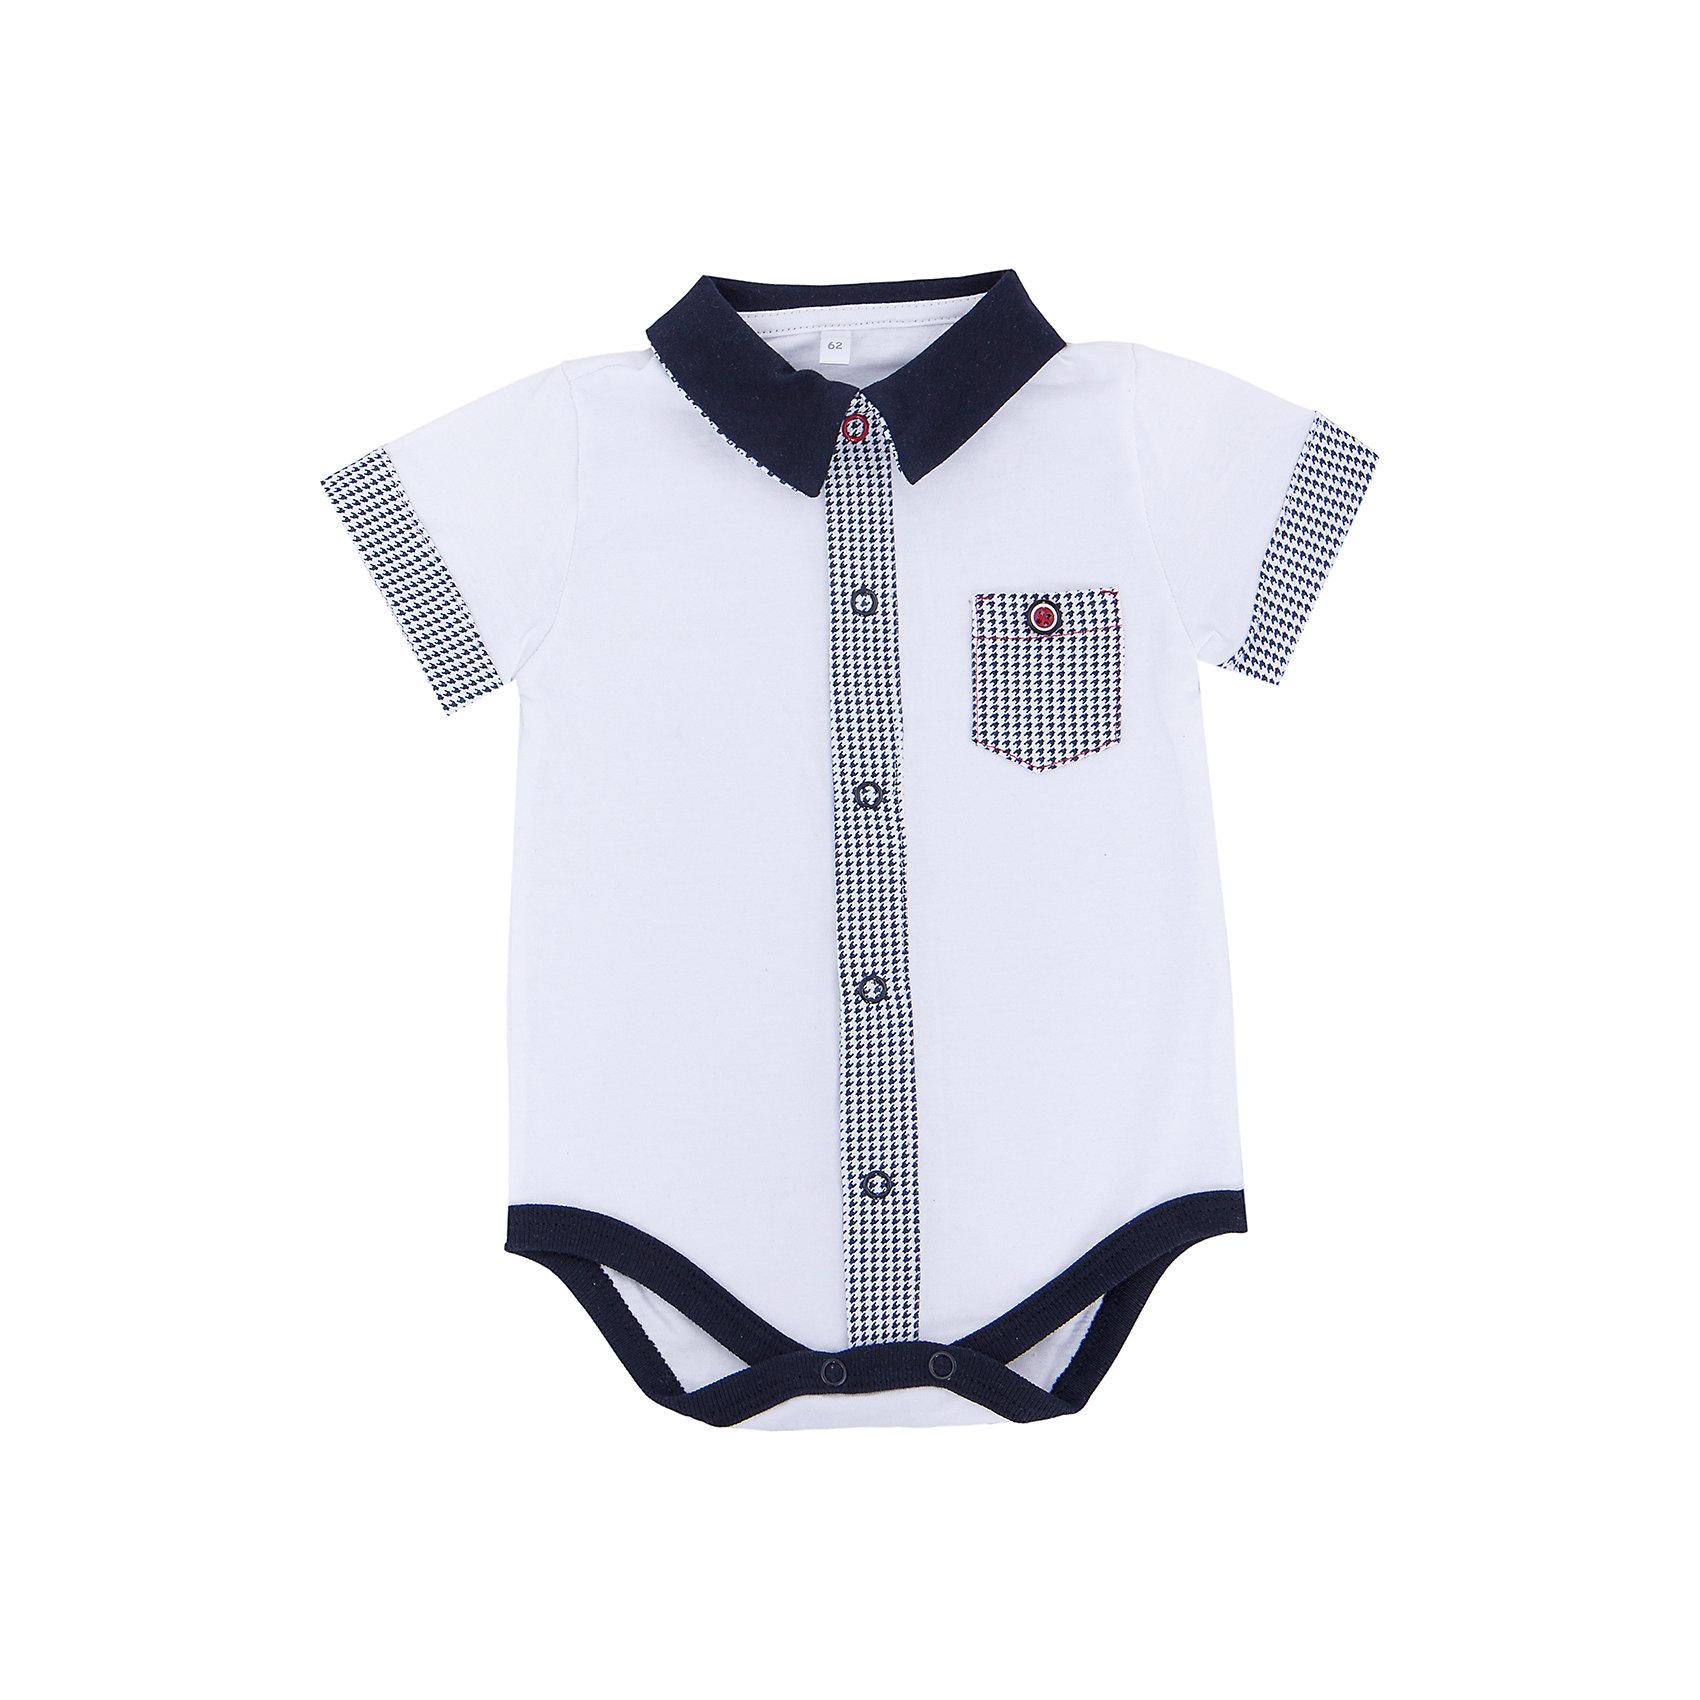 Боди для мальчика Soni KidsБоди<br>Боди для мальчика от популярной марки Soni Kids <br> <br>Модное боди в черно-белой гамме сшито из мягкого дышащего хлопка. Это гипоаллергенный материал, который отлично подходит для детской одежды. Правильный крой обеспечит ребенку удобство, не будет натирать и стеснять движения. <br> <br>Особенности модели: <br> <br>- цвет - белый; <br>- материал - натуральный хлопок; <br>- черная отделка; <br>- кармашек на груди; <br>- мягкая окантовка; <br>- отложной воротник; <br>- рукава короткие, с отделкой; <br>- застежки - кнопки впереди и внизу. <br> <br>Дополнительная информация: <br> <br>Состав: 100% хлопок <br> <br>Боди для мальчика от популярной марки Soni Kids (Сони Кидс) можно купить в нашем магазине.<br><br>Ширина мм: 157<br>Глубина мм: 13<br>Высота мм: 119<br>Вес г: 200<br>Цвет: белый/серый<br>Возраст от месяцев: 3<br>Возраст до месяцев: 6<br>Пол: Мужской<br>Возраст: Детский<br>Размер: 68,62,74,86,80<br>SKU: 4545015